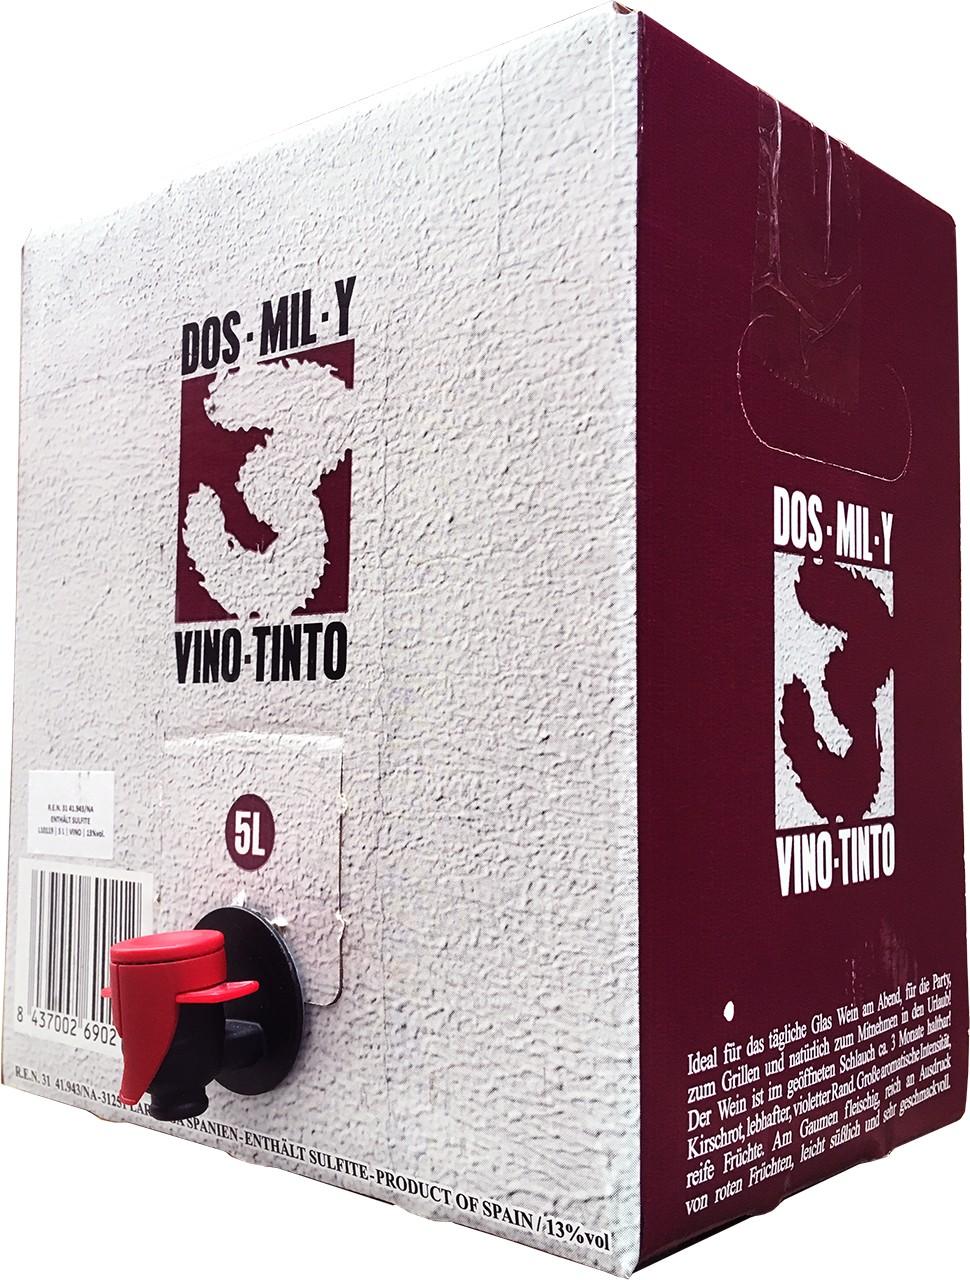 2003 - Dos Mil y Tres Tinto